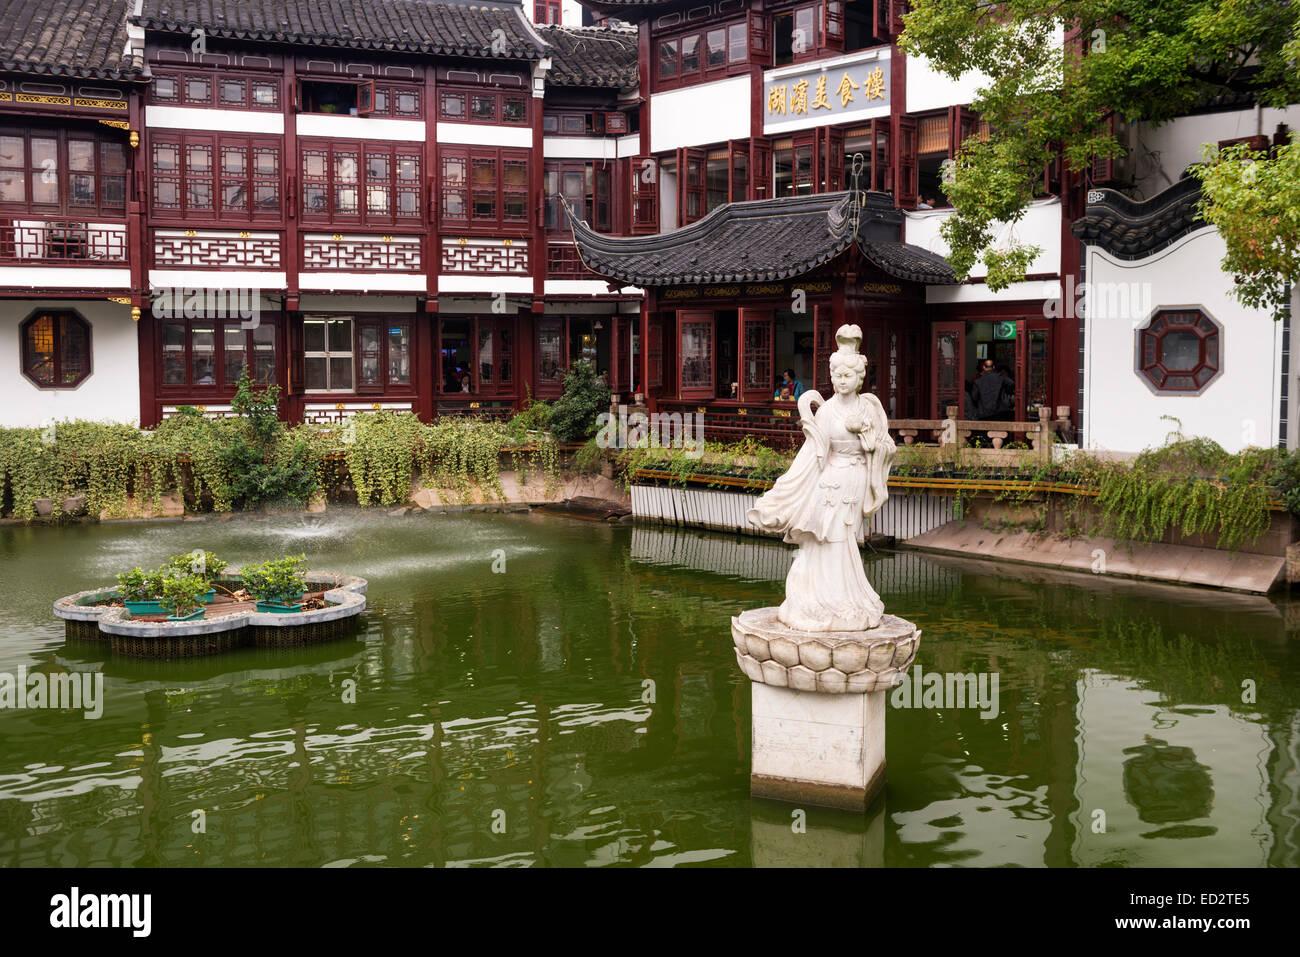 Arquitectura tradicional en el casco antiguo de la ciudad de Shanghai, China Imagen De Stock